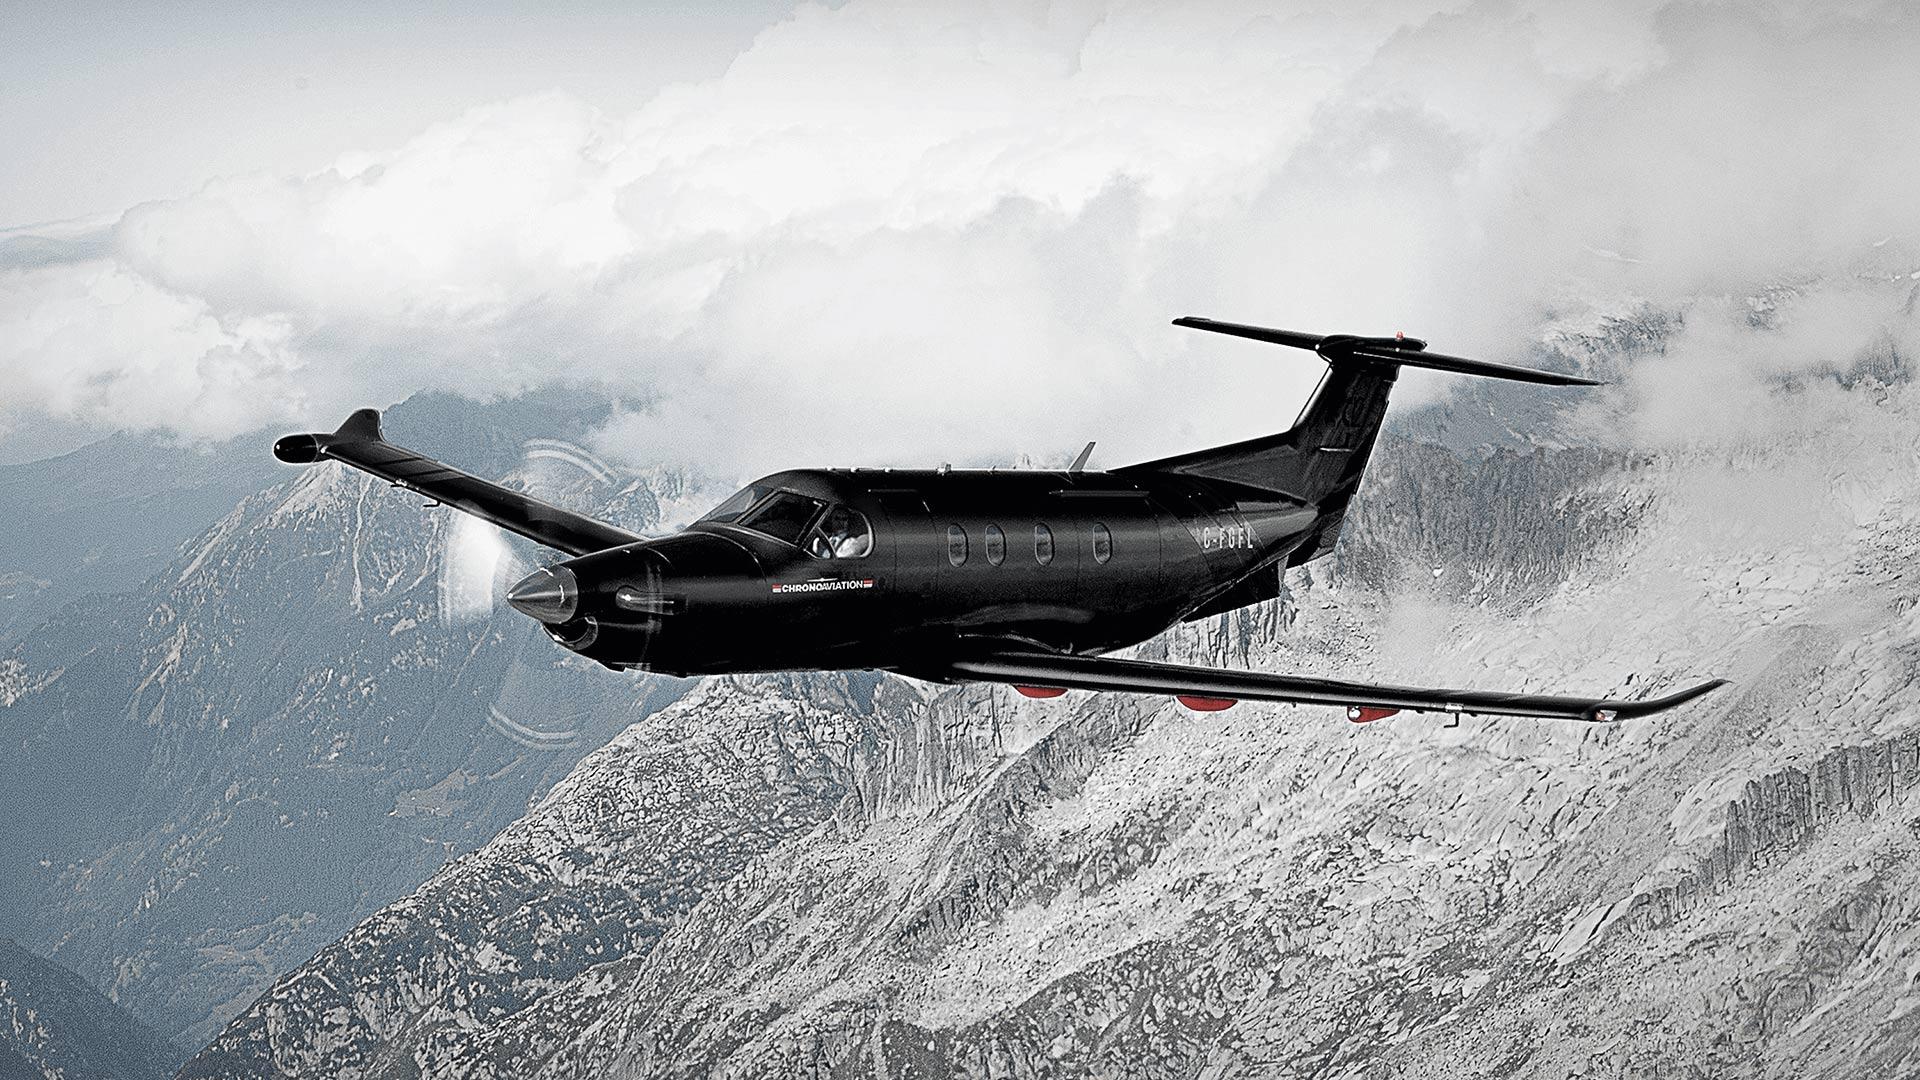 Identité visuelle   Pilatus PC-12 en vol   Chrono Aviation